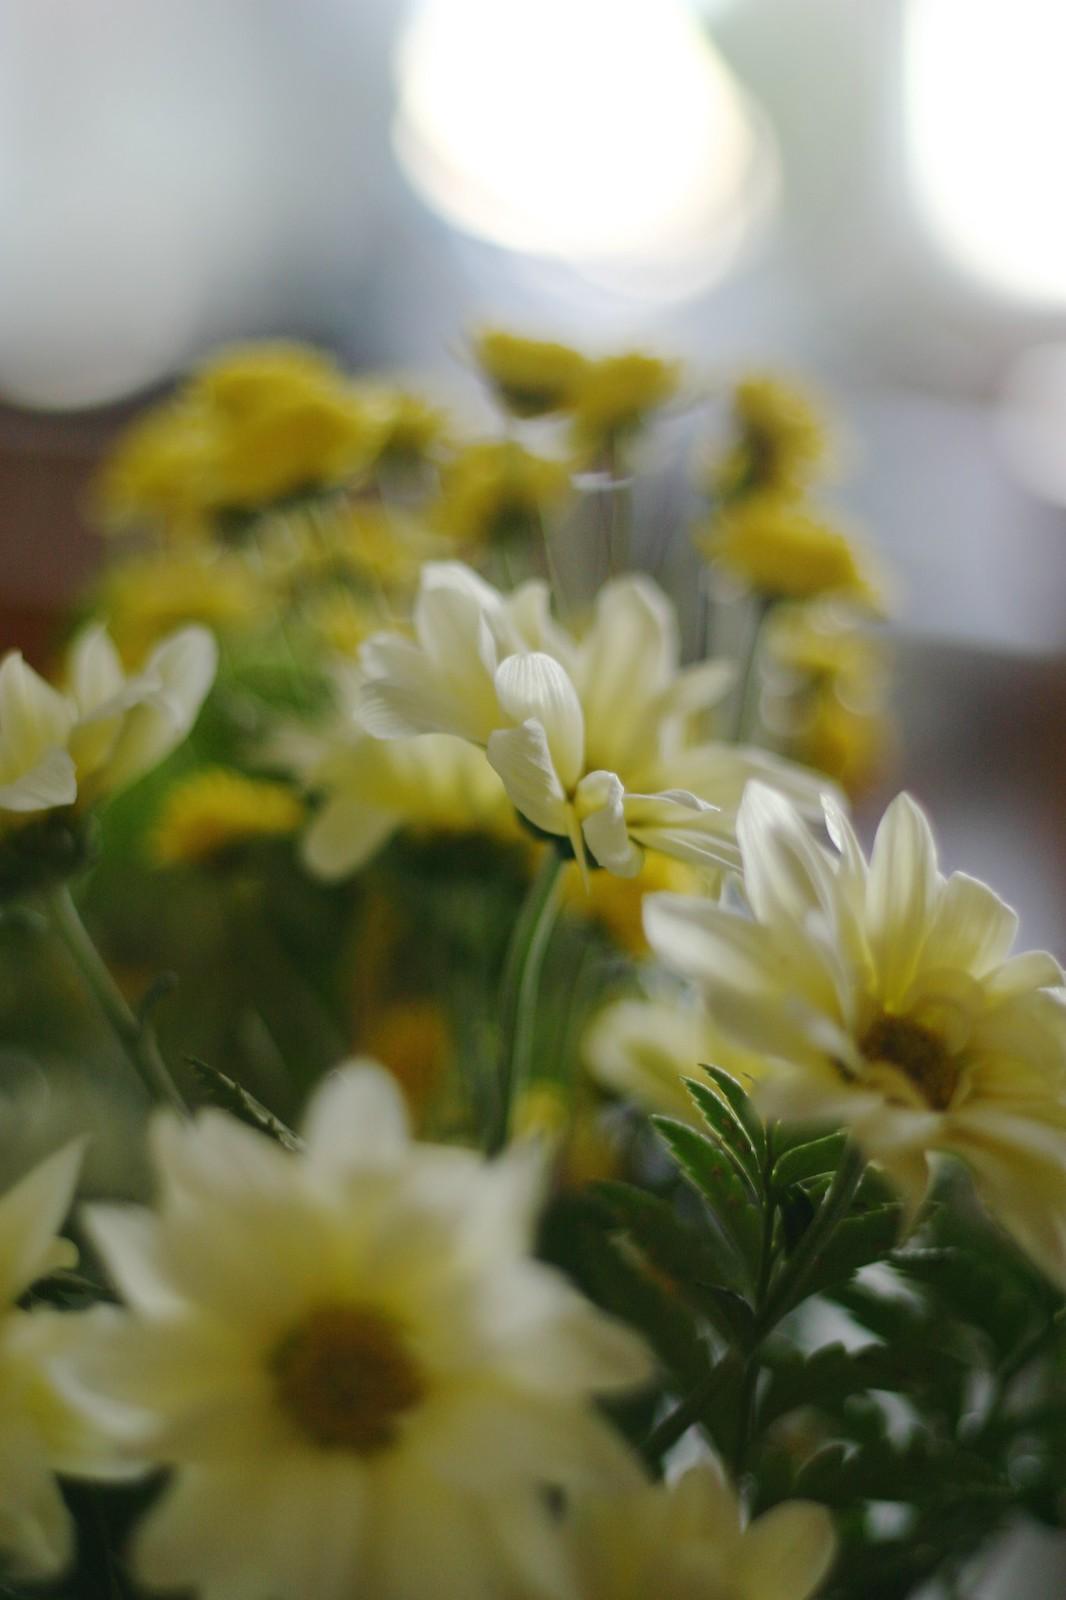 + flores_8_20150116 - Version 2